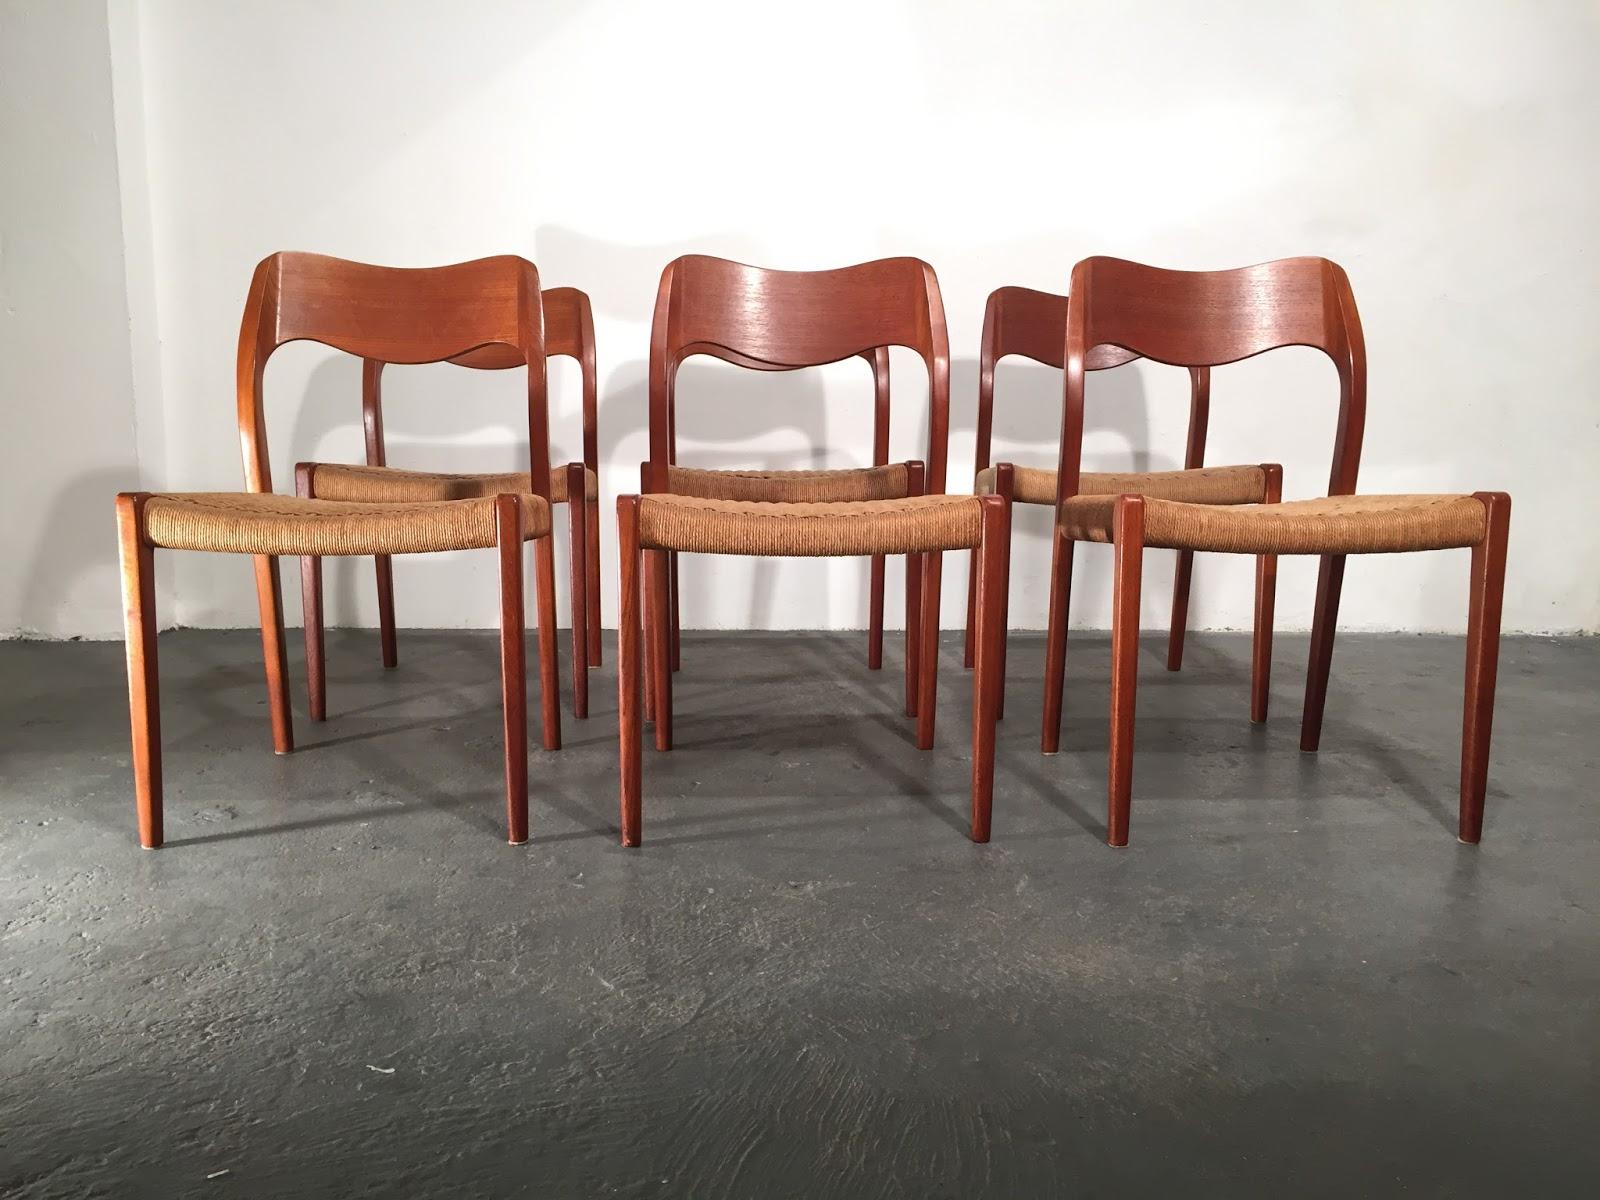 Ocd vintage furniture ireland the vintage furniture for Furniture ireland